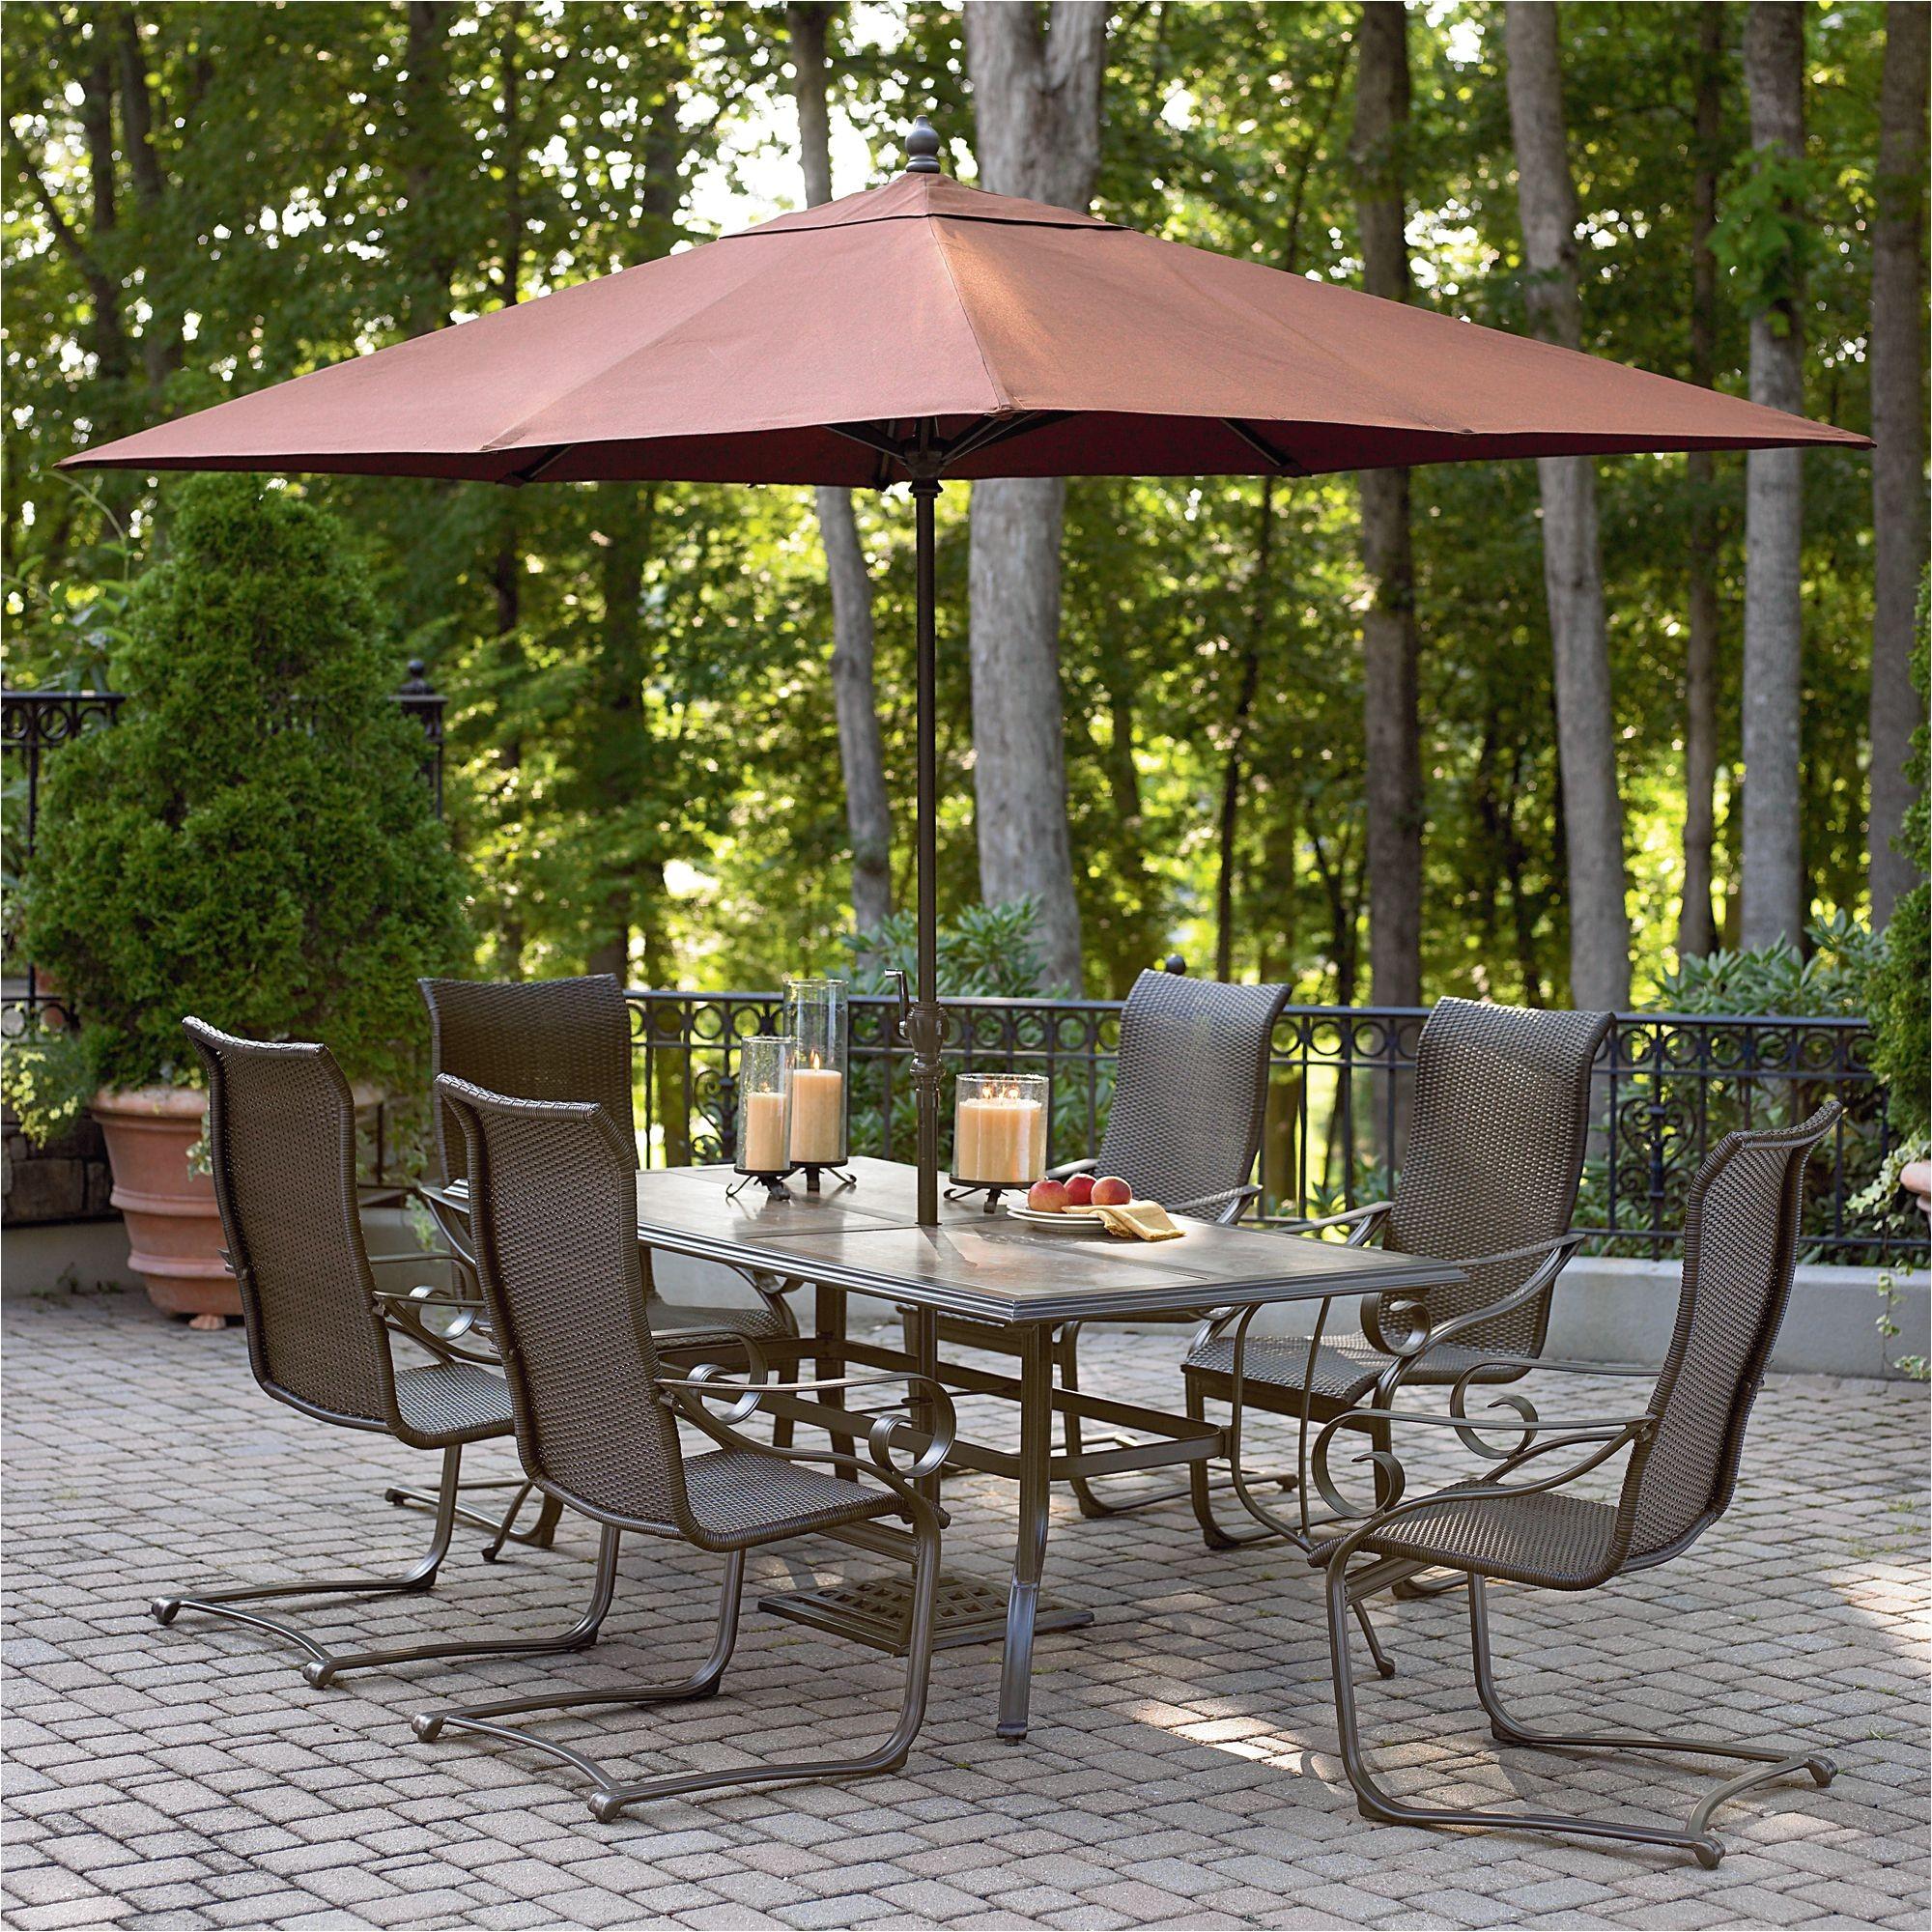 king soopers patio furniture fresh best garden oasis patio furniture of king soopers patio furniture inspirational